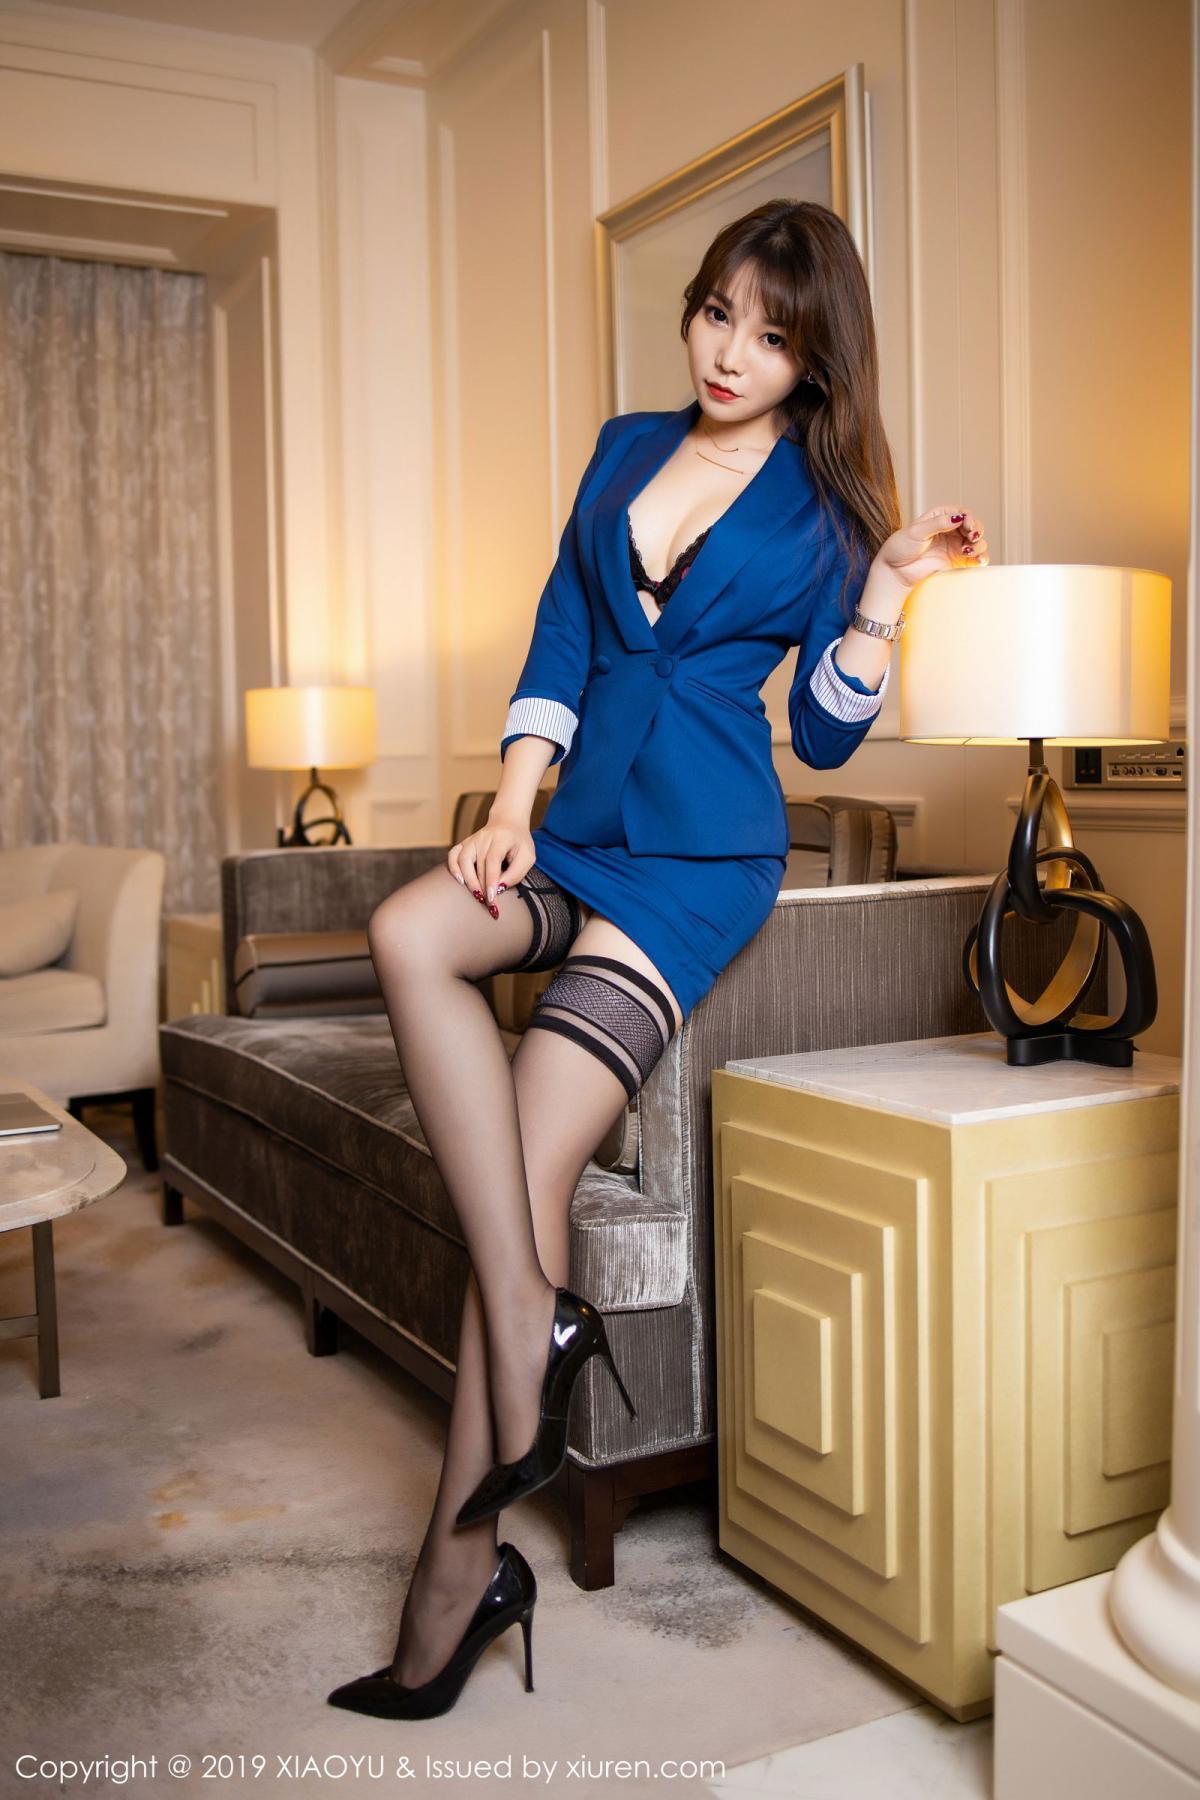 [XiaoYu] Vol.205 Chen Zhi 14P, Black Silk, Chen Zhi, Underwear, Uniform, XiaoYu